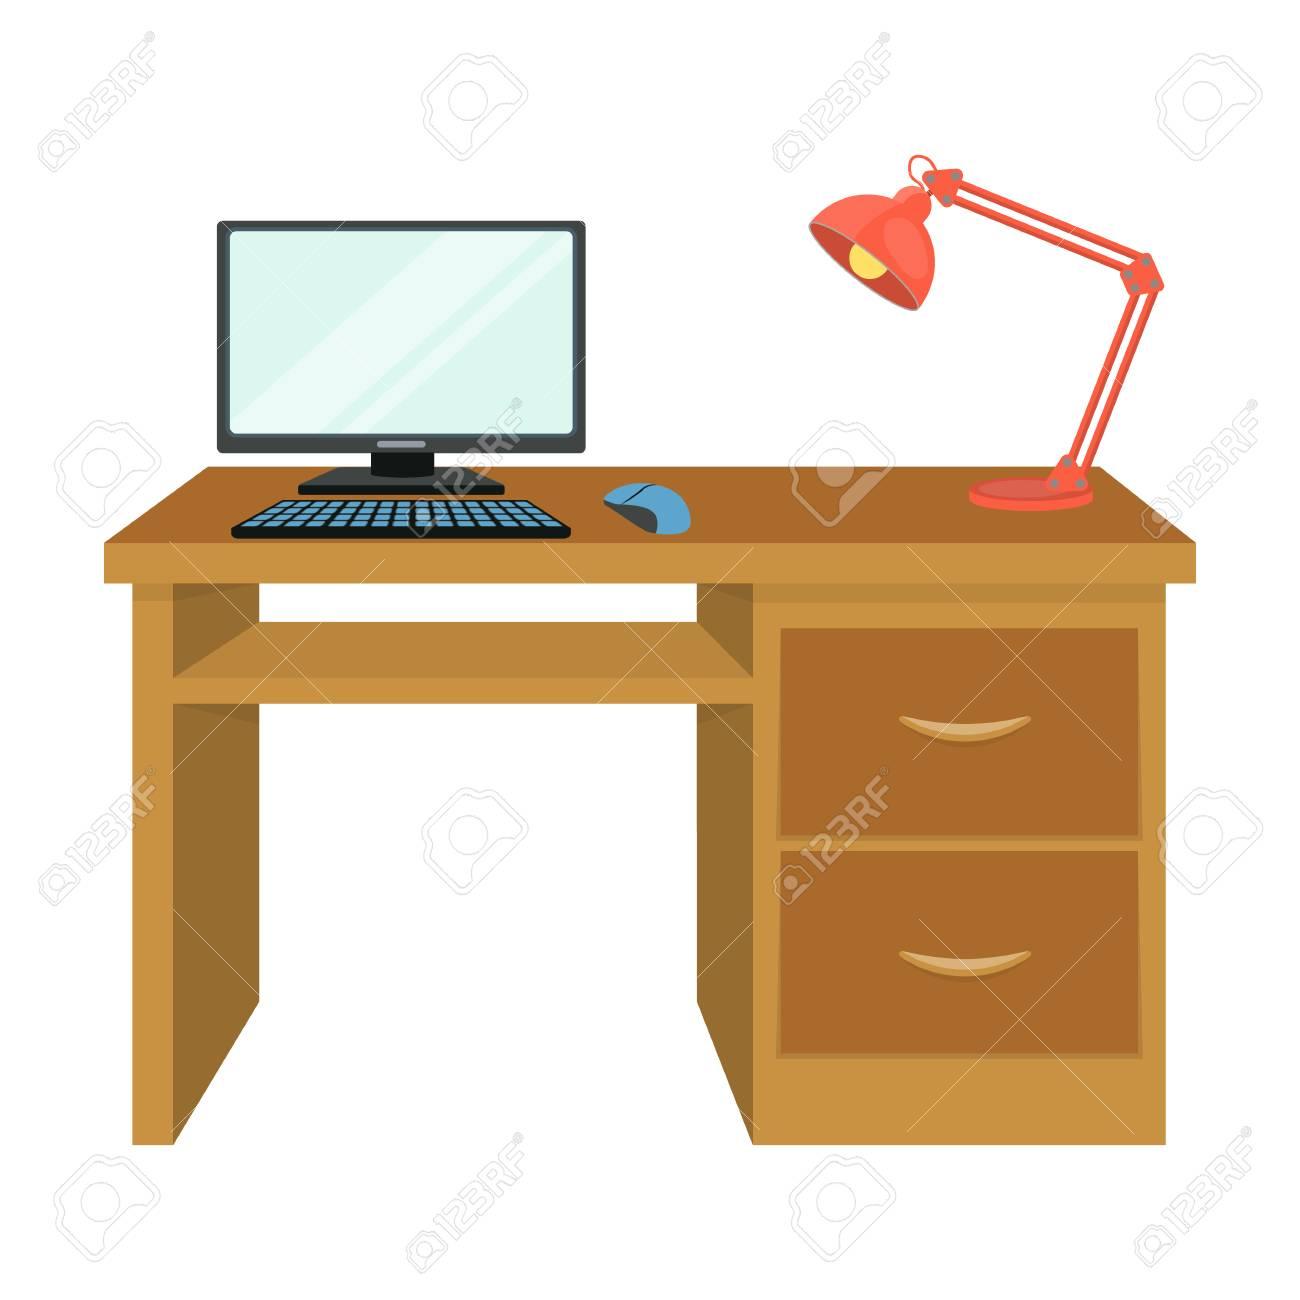 Ein Schreibtisch Mit Einem Computer Und Einer Schreibtischlampe